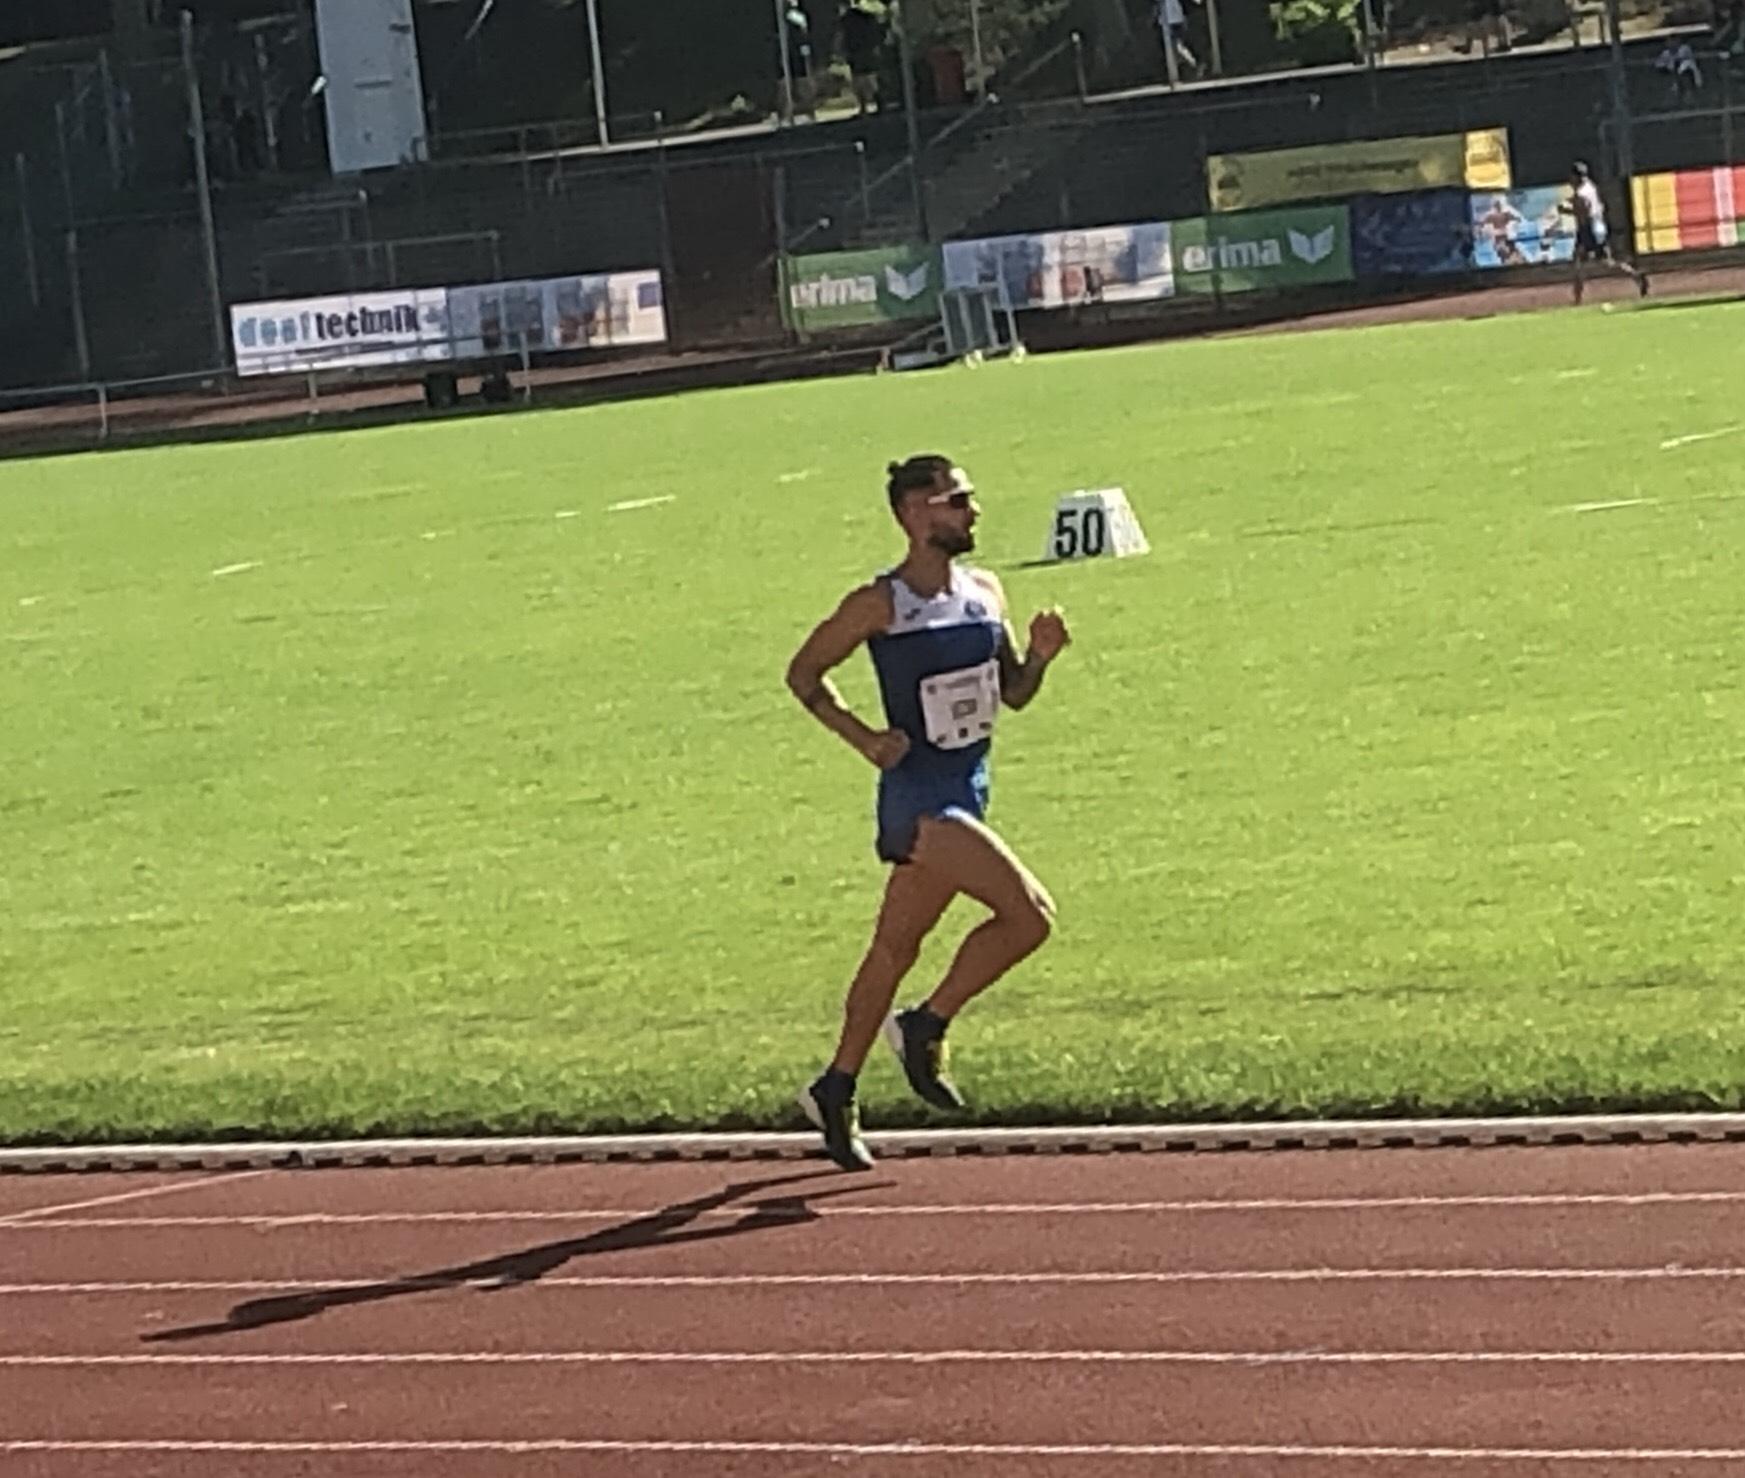 Atletica Leggera, l'azzurro Alessandro Vizzini centra il 5° posto nei 10.000 metri su pista